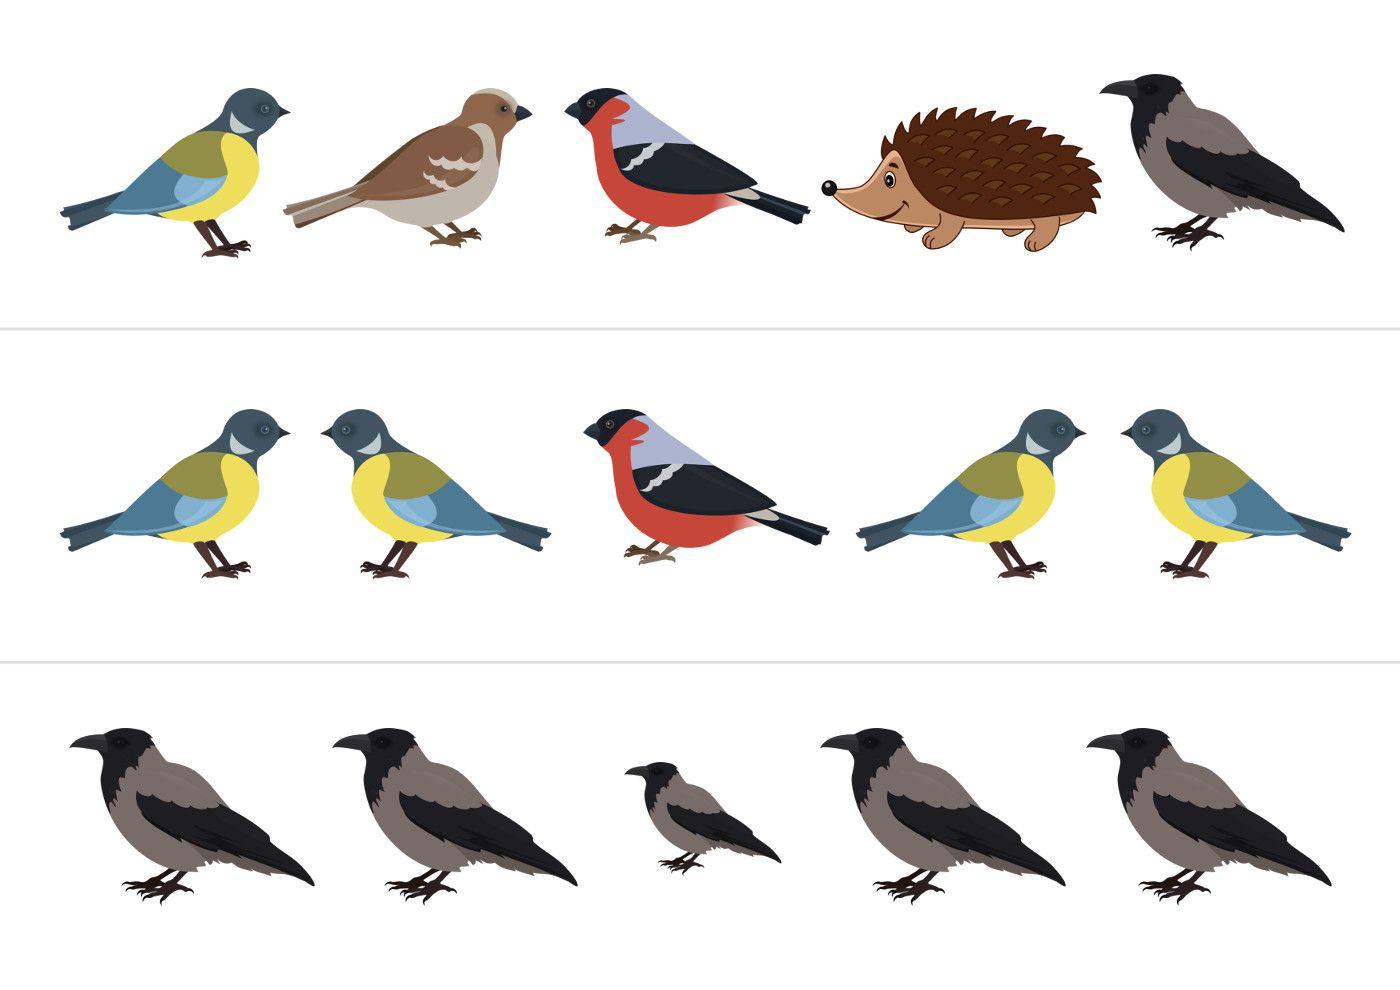 картинки игры птицы новогодний вечер многих